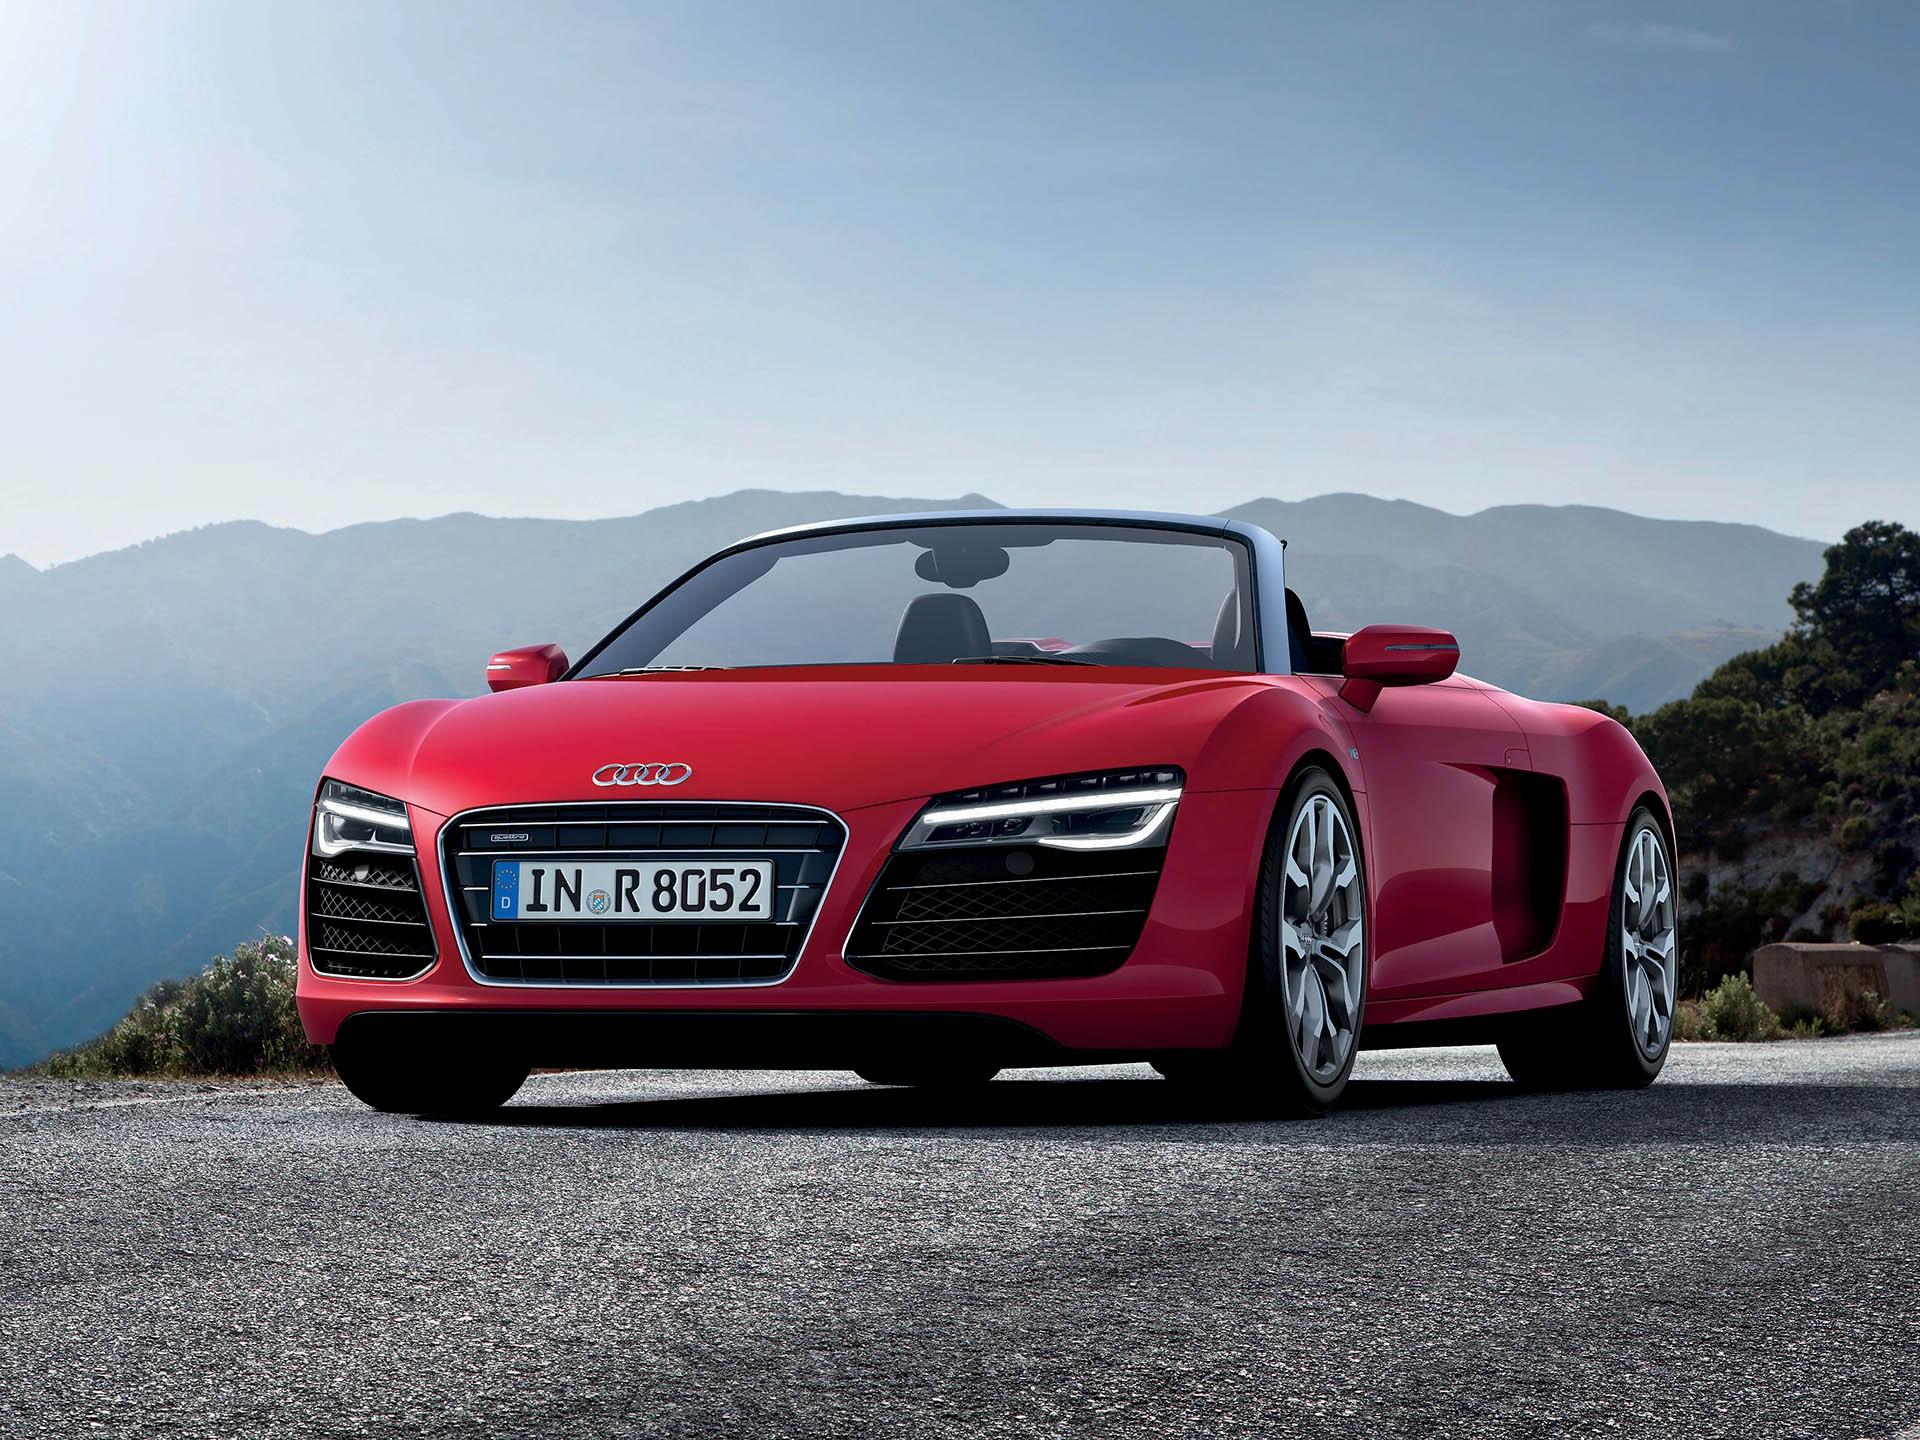 Audi R8 как у Тони Старка или Бэтмобиль? На автомобиле какого киногероя мечтают ездить российские мужчины